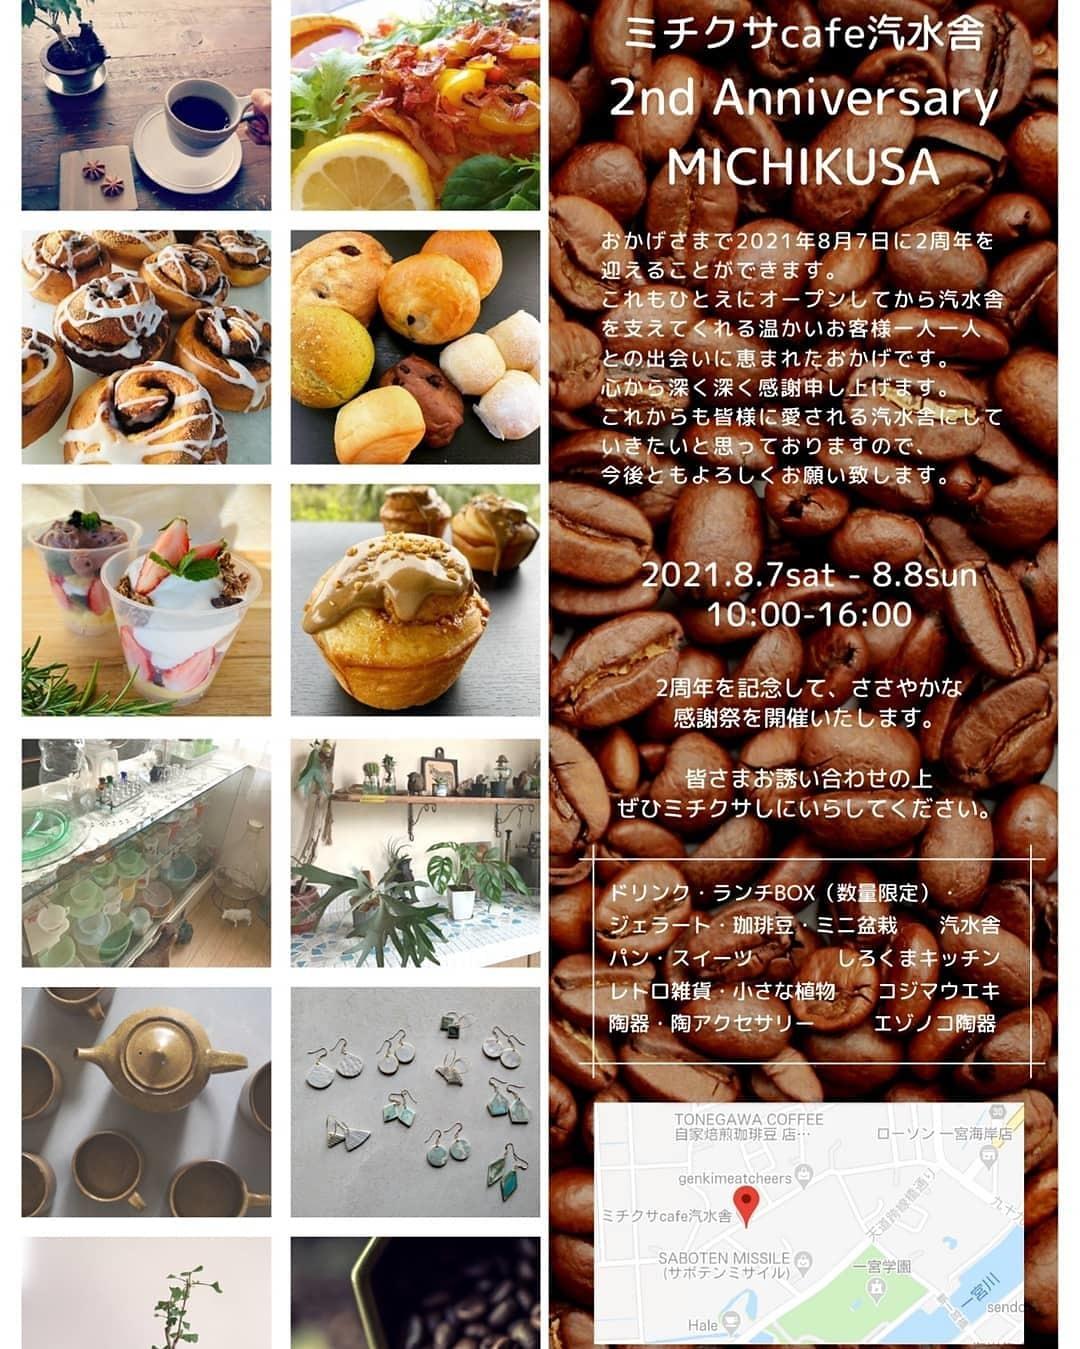 ミチクサcafe汽水舎さんの2周年イベント〜お願い〜_e0186725_14583085.jpg